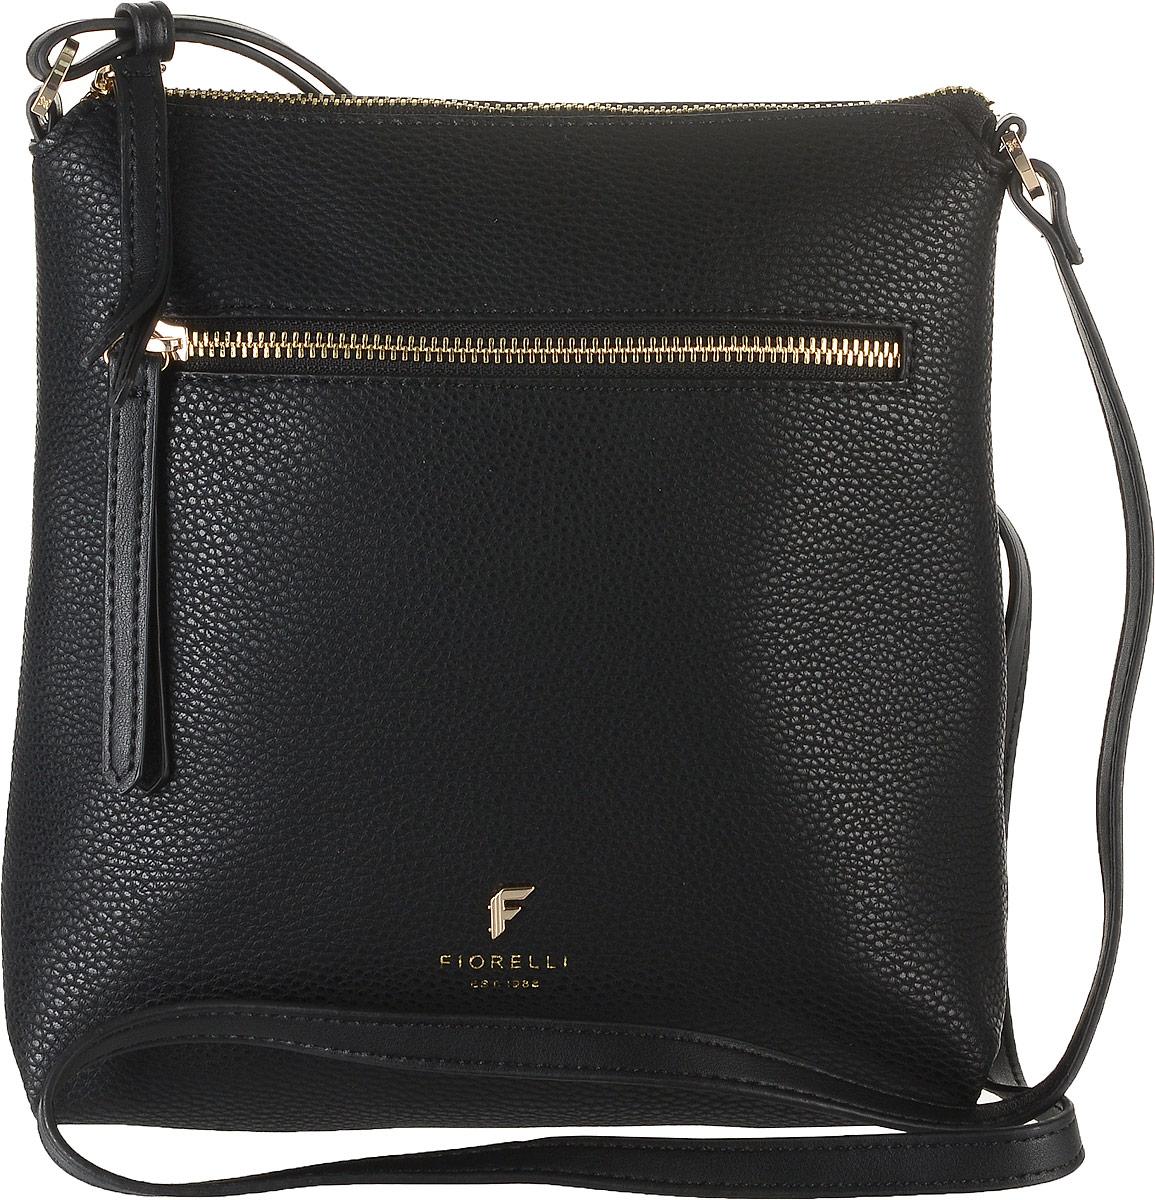 Сумка женская Fiorelli, цвет: черный. 8509 FHEQW-M710DB-1A1Стильная сумка Fiorelli выполнена из высококачественной искусственной кожи зернистой текстуры. Изделие оформлено металлической пластинкой с логотипом бренда. На лицевой стороне расположен удобный вшитый карман на молнии. На тыльной стороне расположен открытый накладной карман. Сумка оснащена плечевым ремнем, длина которого регулируется с помощью пряжки. Изделие закрывается на застежку-молнию. Внутри расположено главное отделение, которое содержит один открытый накладной карман и фирменную нашивку.